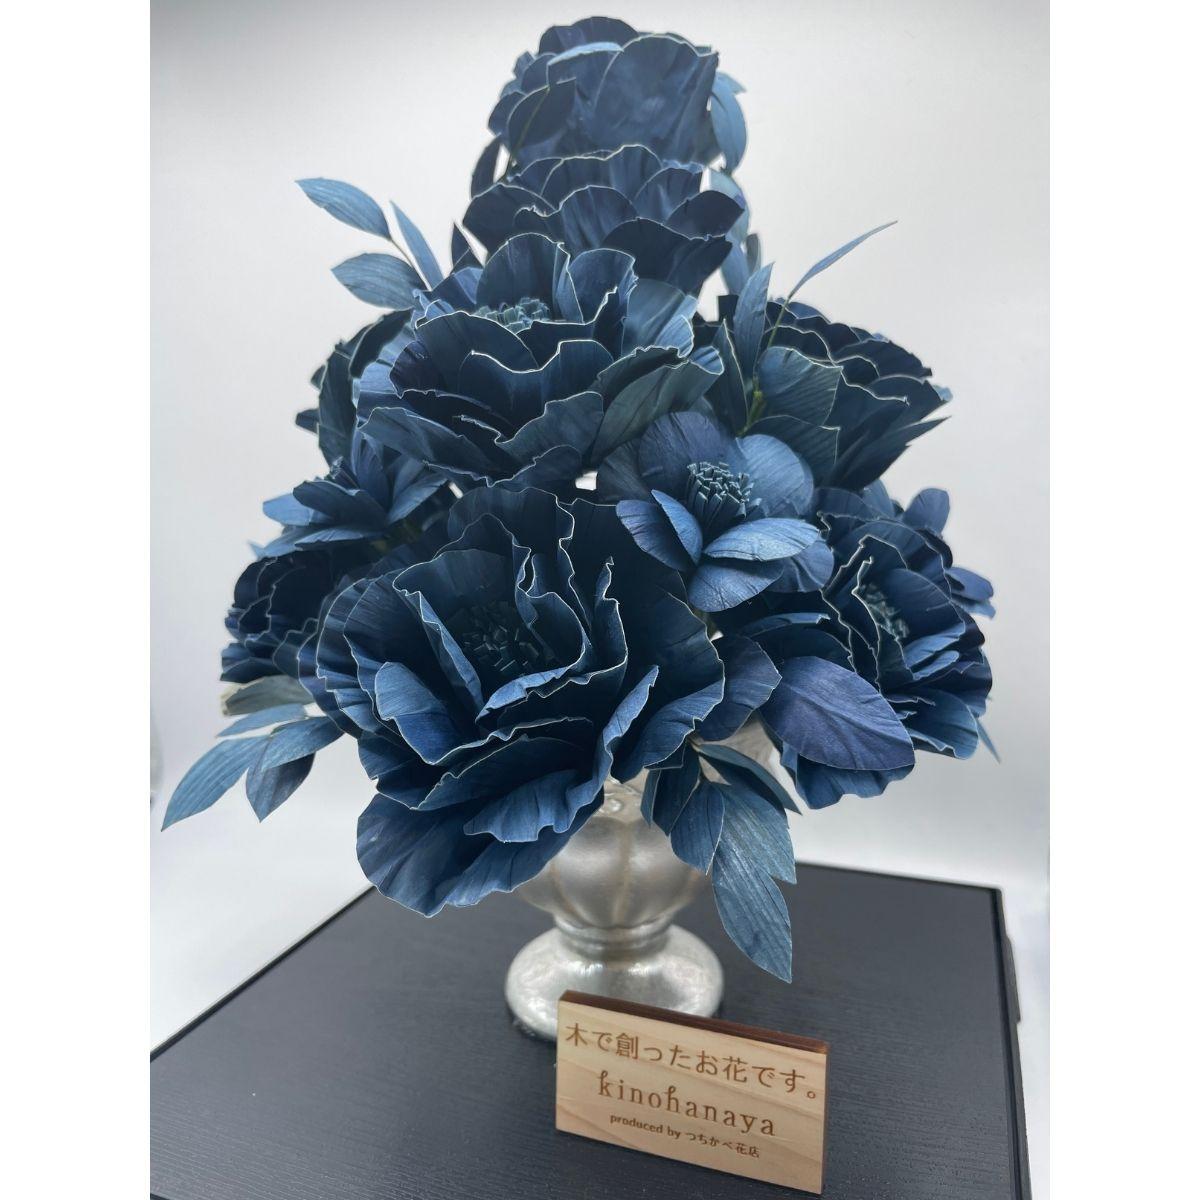 【ふるさと納税】TKB35 ウッドフラワ—藍染LLサイズ